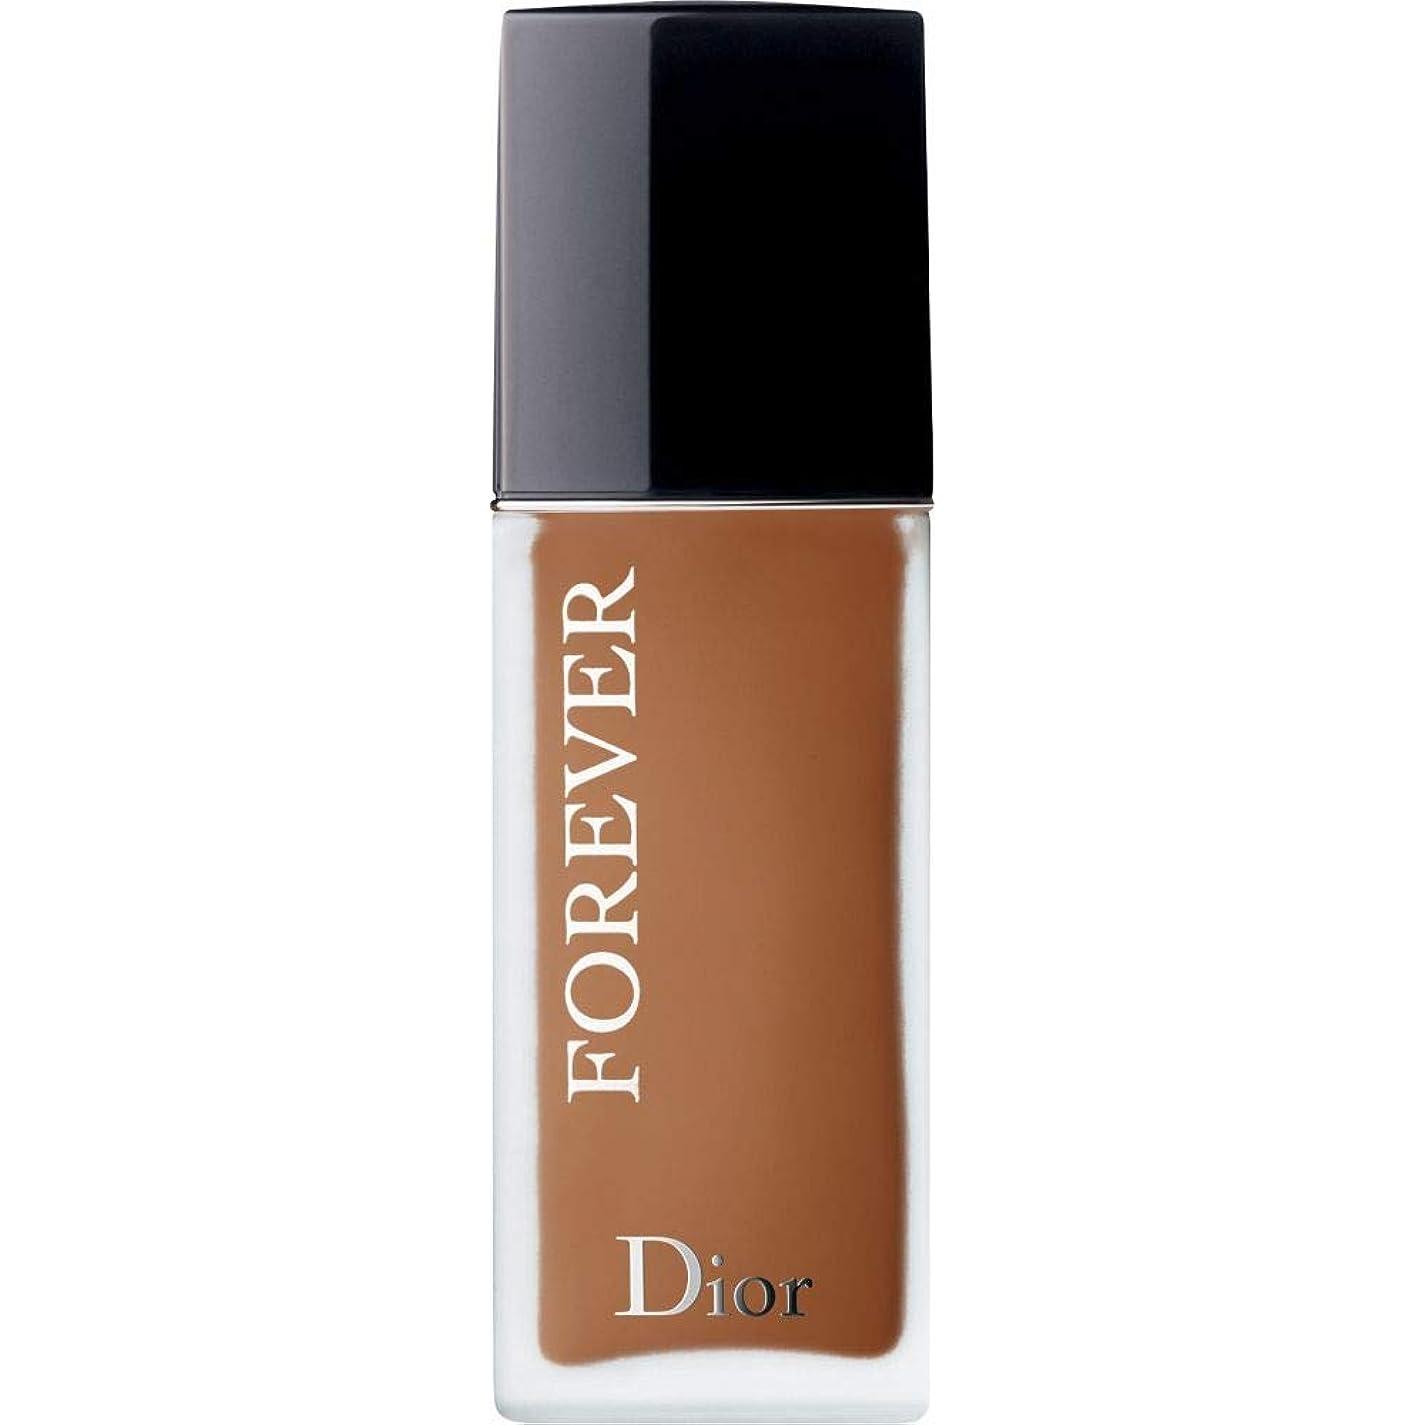 責基礎理論ボール[Dior ] ディオール永遠皮膚思いやりの基盤Spf35 30ミリリットルの6N - ニュートラル(つや消し) - DIOR Forever Skin-Caring Foundation SPF35 30ml 6N - Neutral (Matte) [並行輸入品]